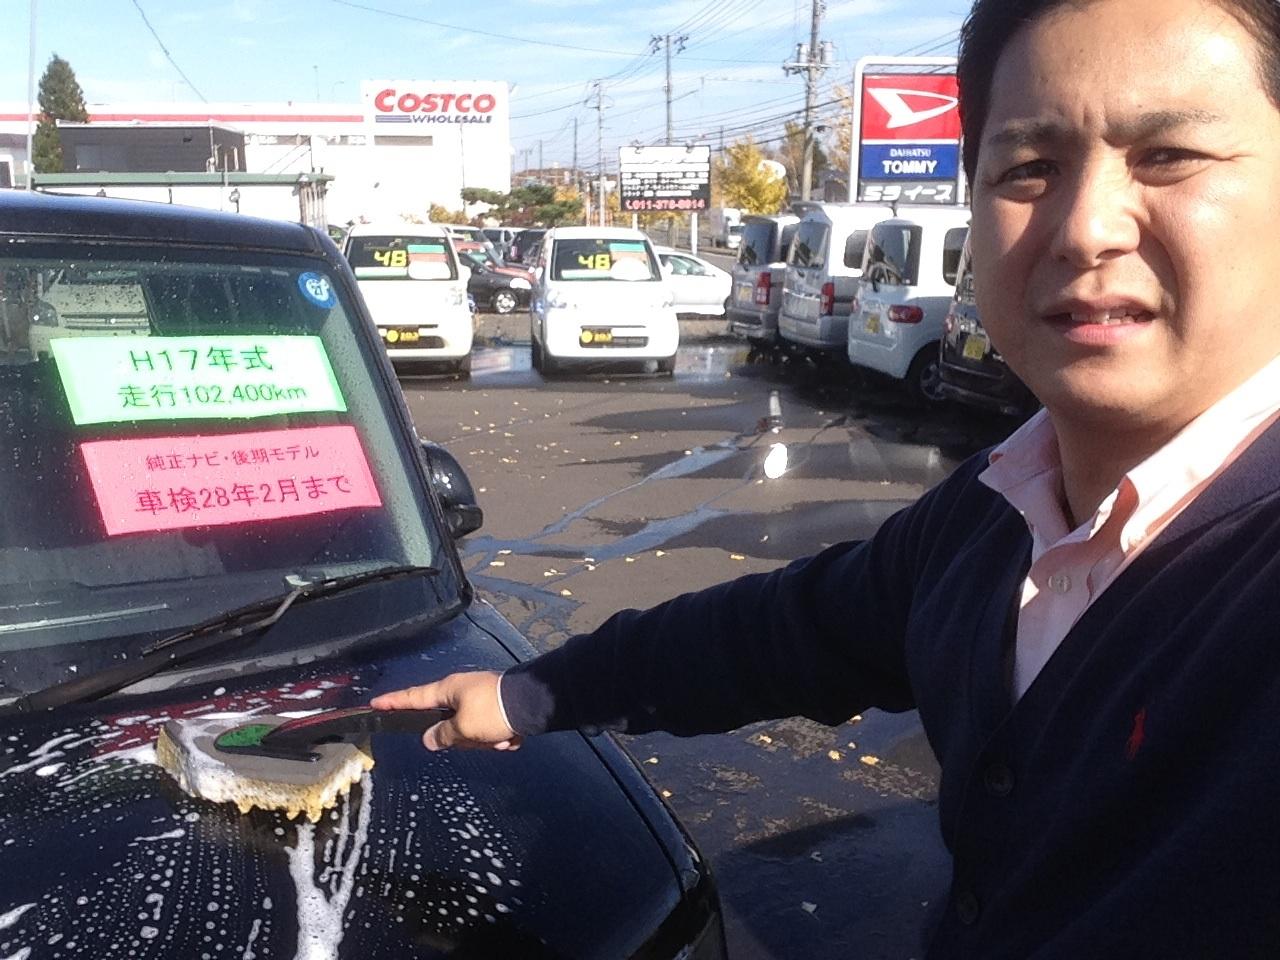 10月24日(金)トミーアウトレット☆グッチーブログ♪納車祭り!!軽自動車♪100万以下車☆_b0127002_1829762.jpg